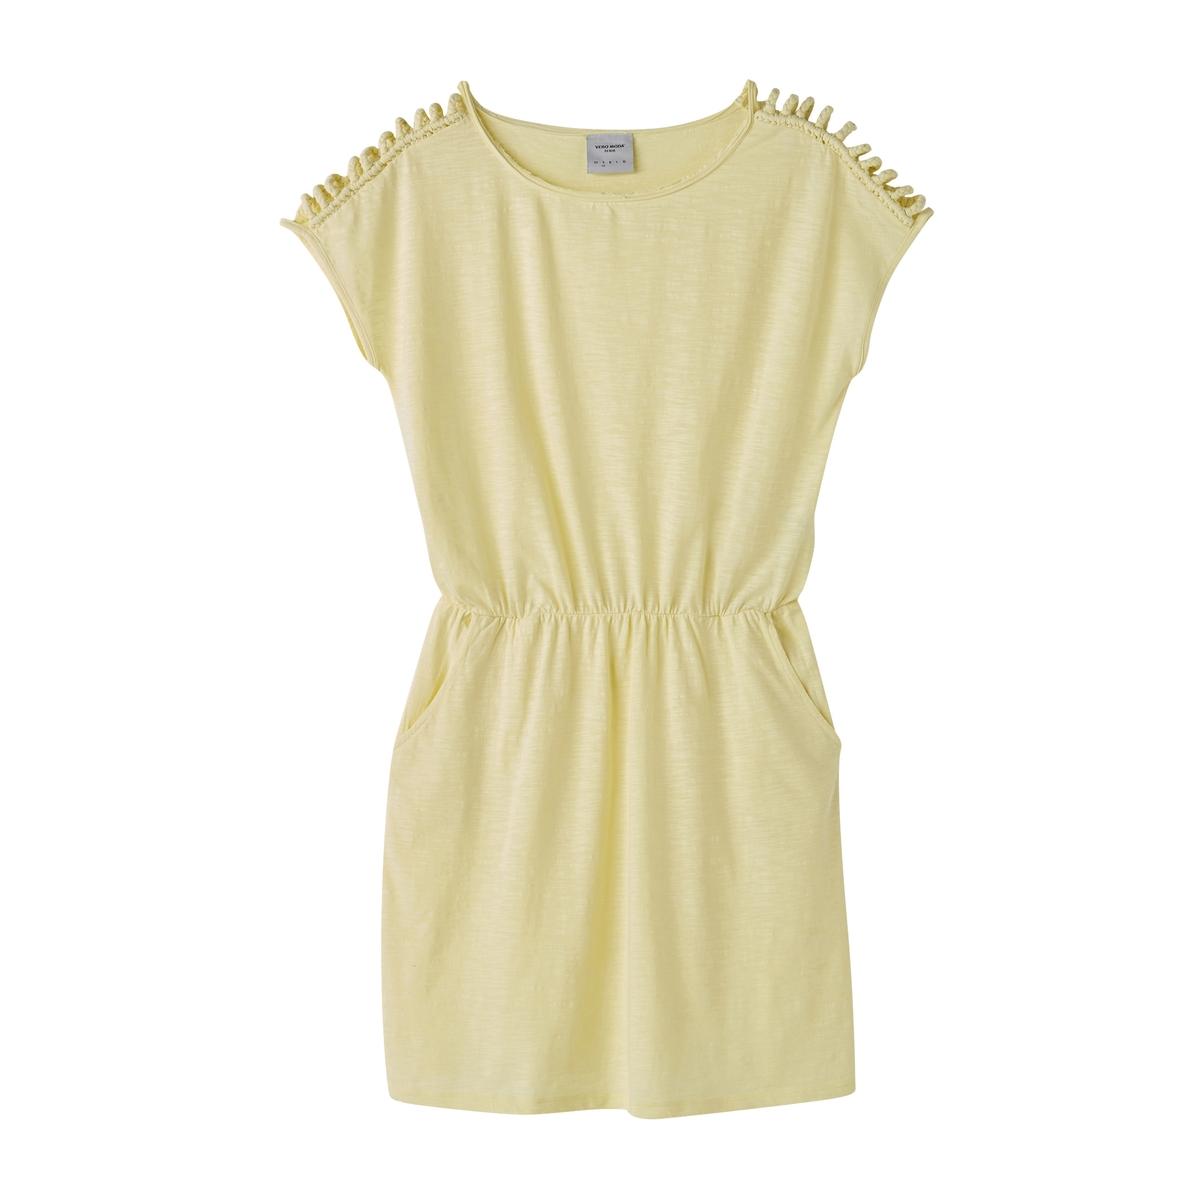 Платье короткое с короткими рукавамиДетали  •  Форма : расклешенная   •  Длина до колен •  Короткие рукава    •   V-образный вырез   •  Эластичный пояс Состав и уход   •  100% хлопок  •  Просьба следовать советам по уходу, указанным на этикетке изделия<br><br>Цвет: желтый<br>Размер: XL